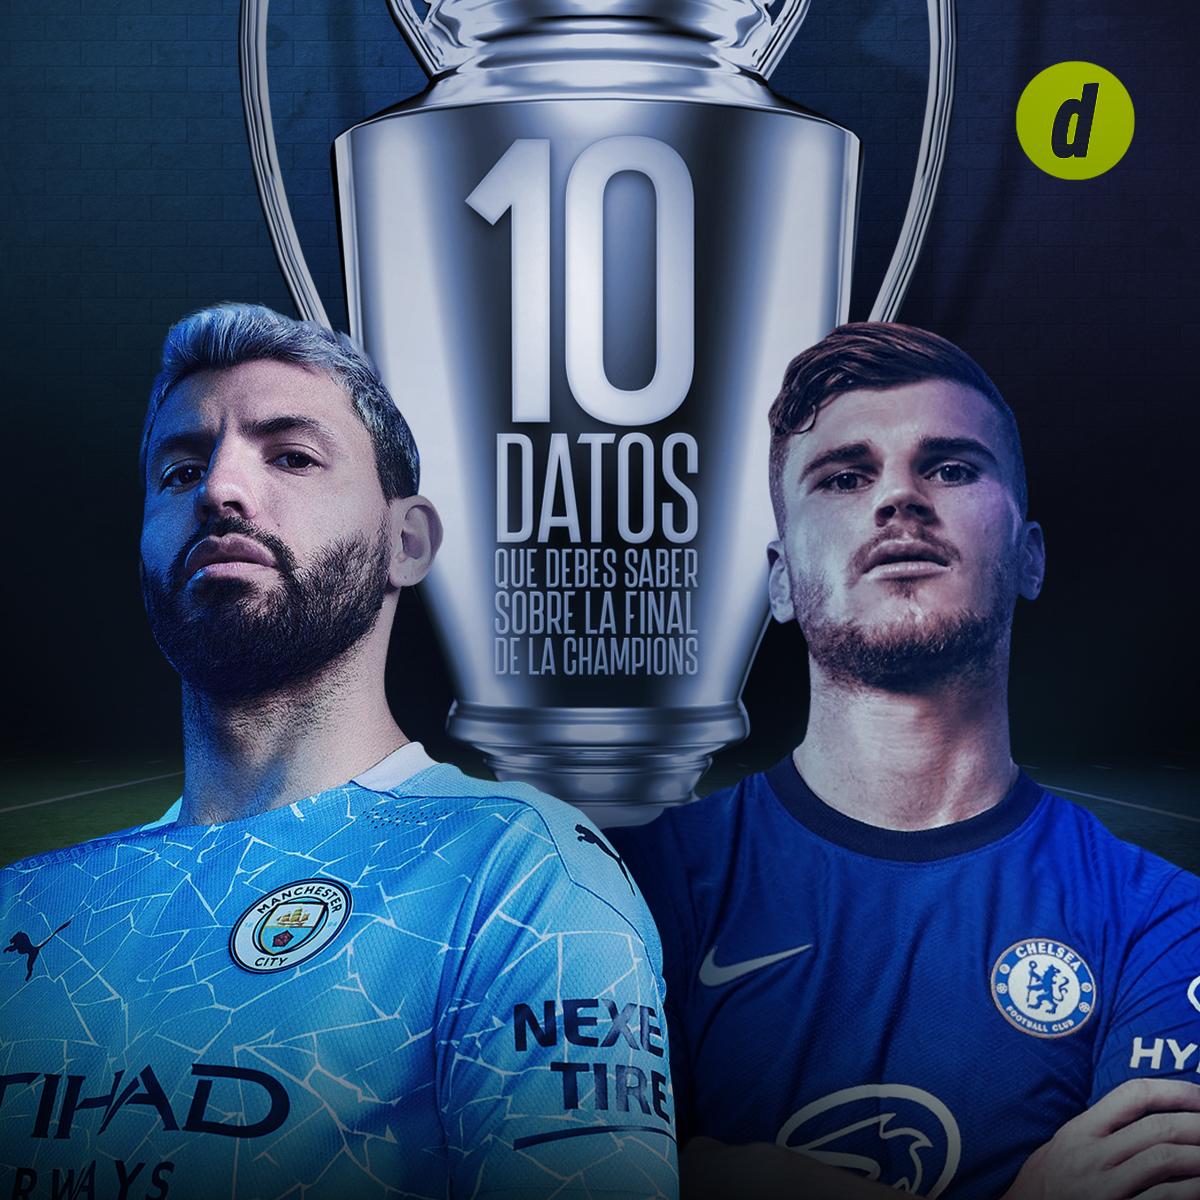 Champions League: 10 datos que debes saber sobre la final entre el Manchester City y el Chelsea